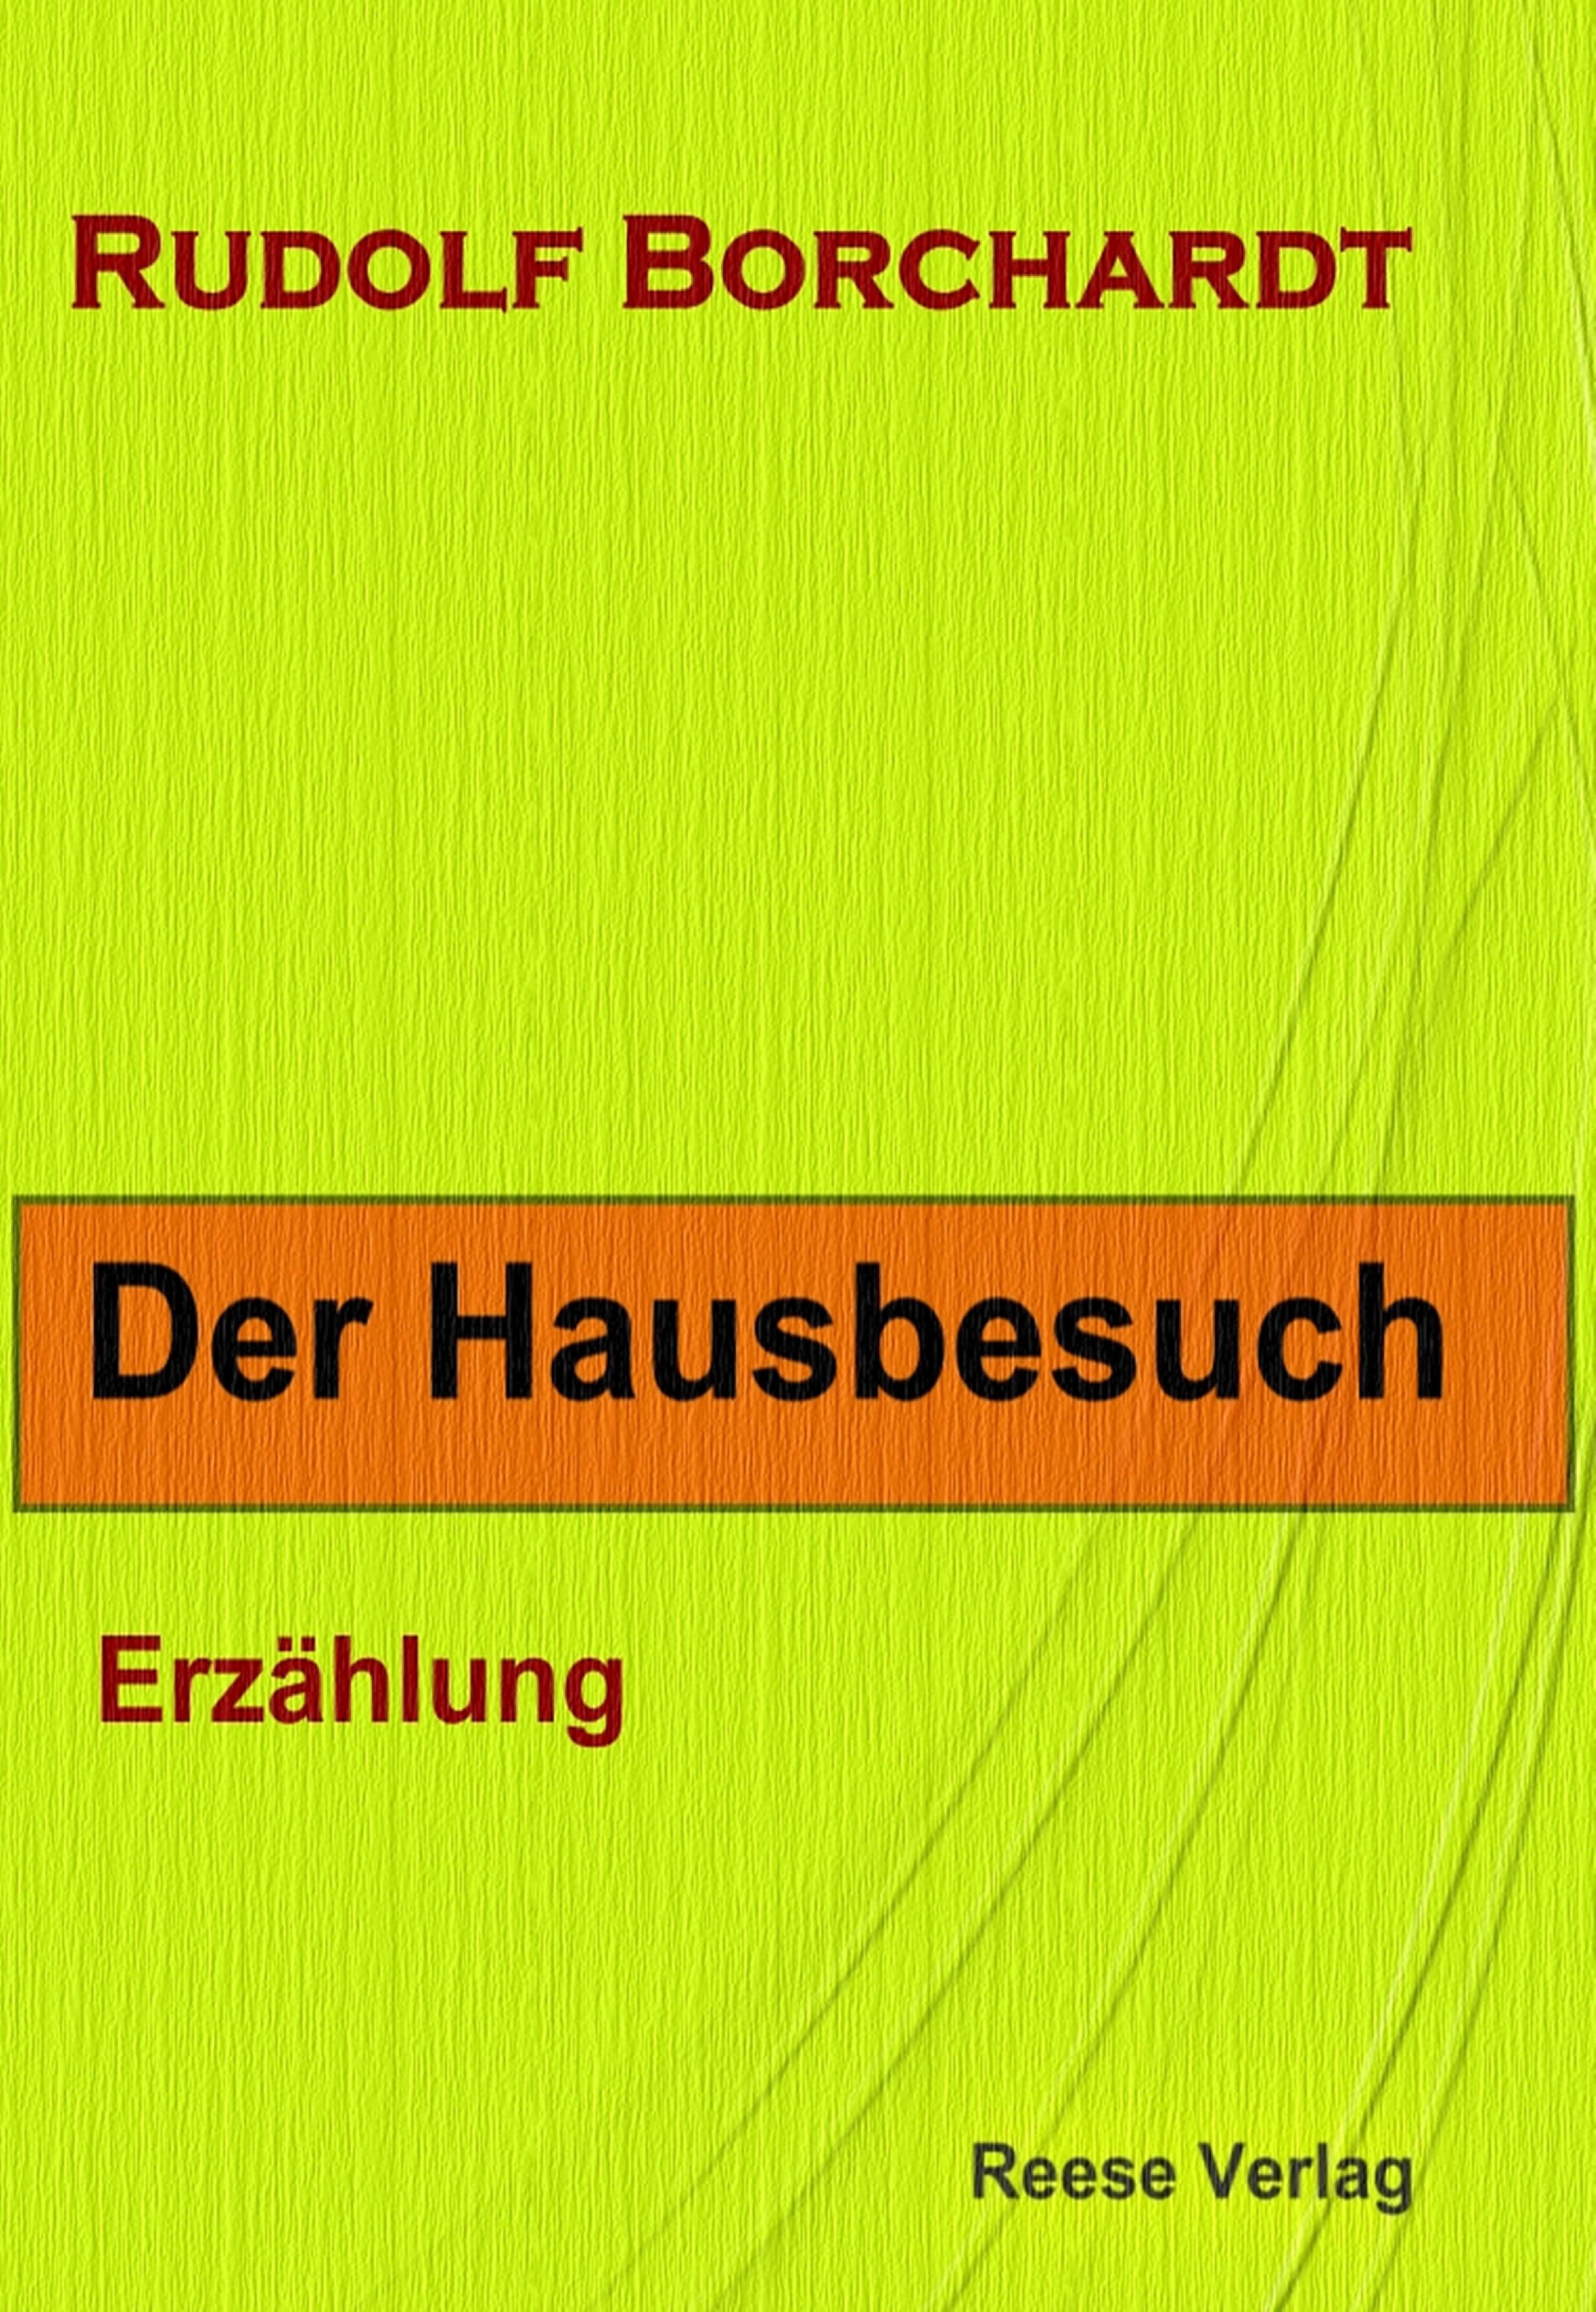 Rudolf Borchardt Der Hausbesuch